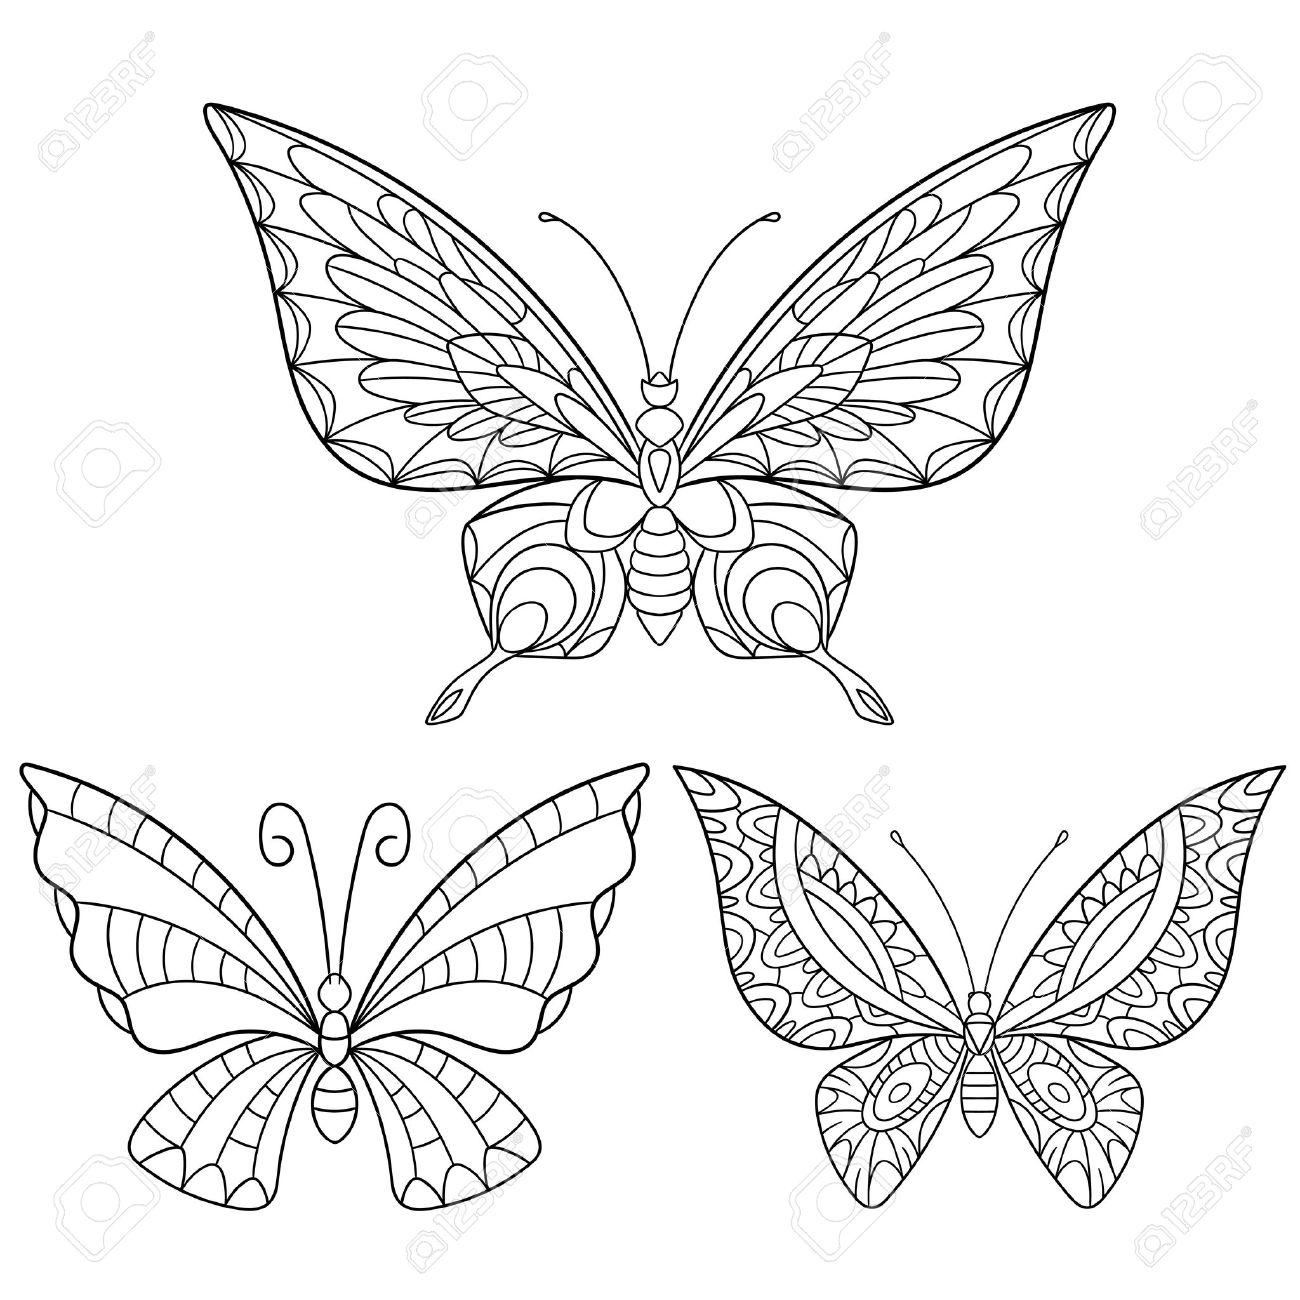 Colección De Dibujos Animados Estilizada De Mariposas Aisladas Sobre ...